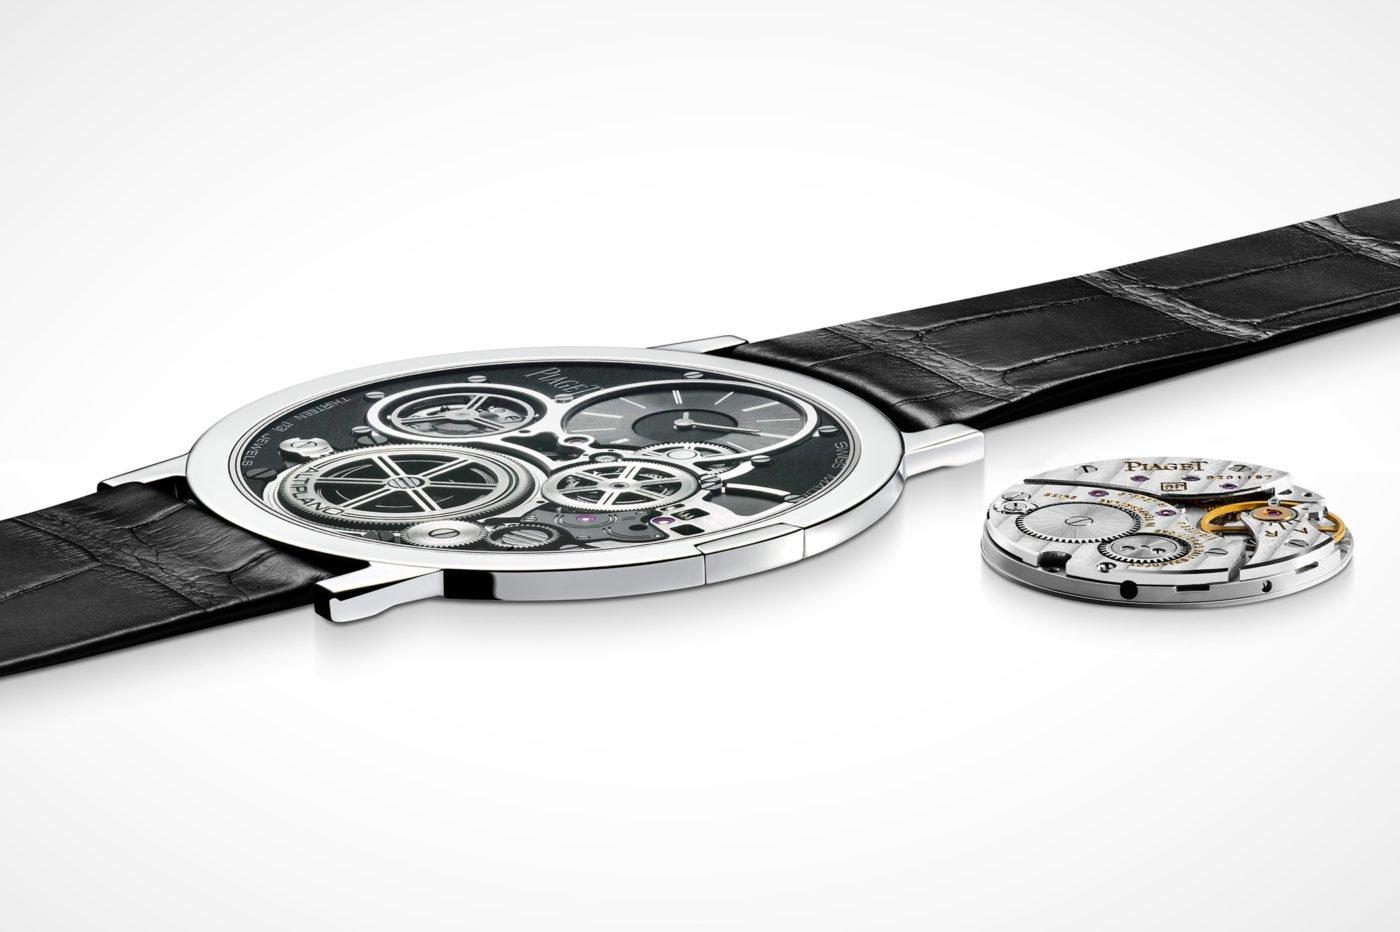 Piaget Altiplano Ultimate Concept – najcieńszy zegarek mechaniczny na świecie – SIHH 2018